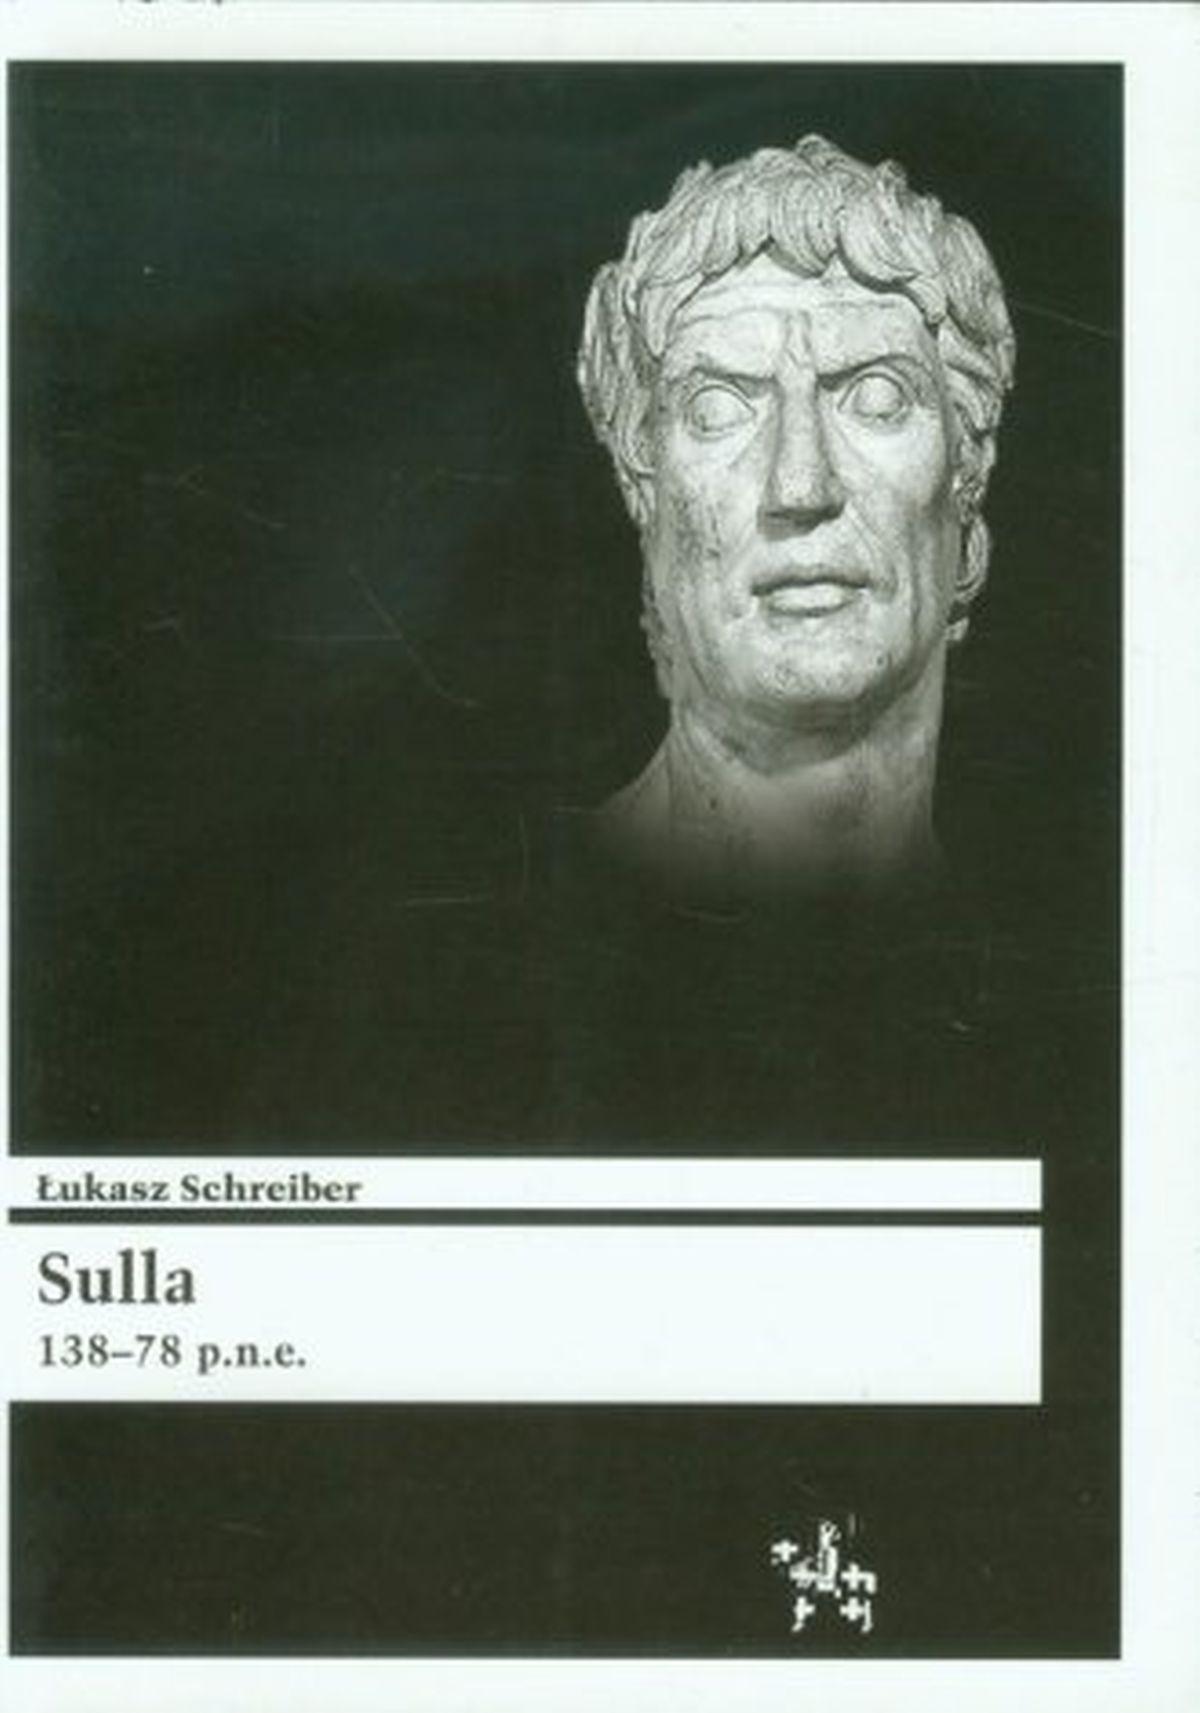 Sulla 138-78 p.n.e.